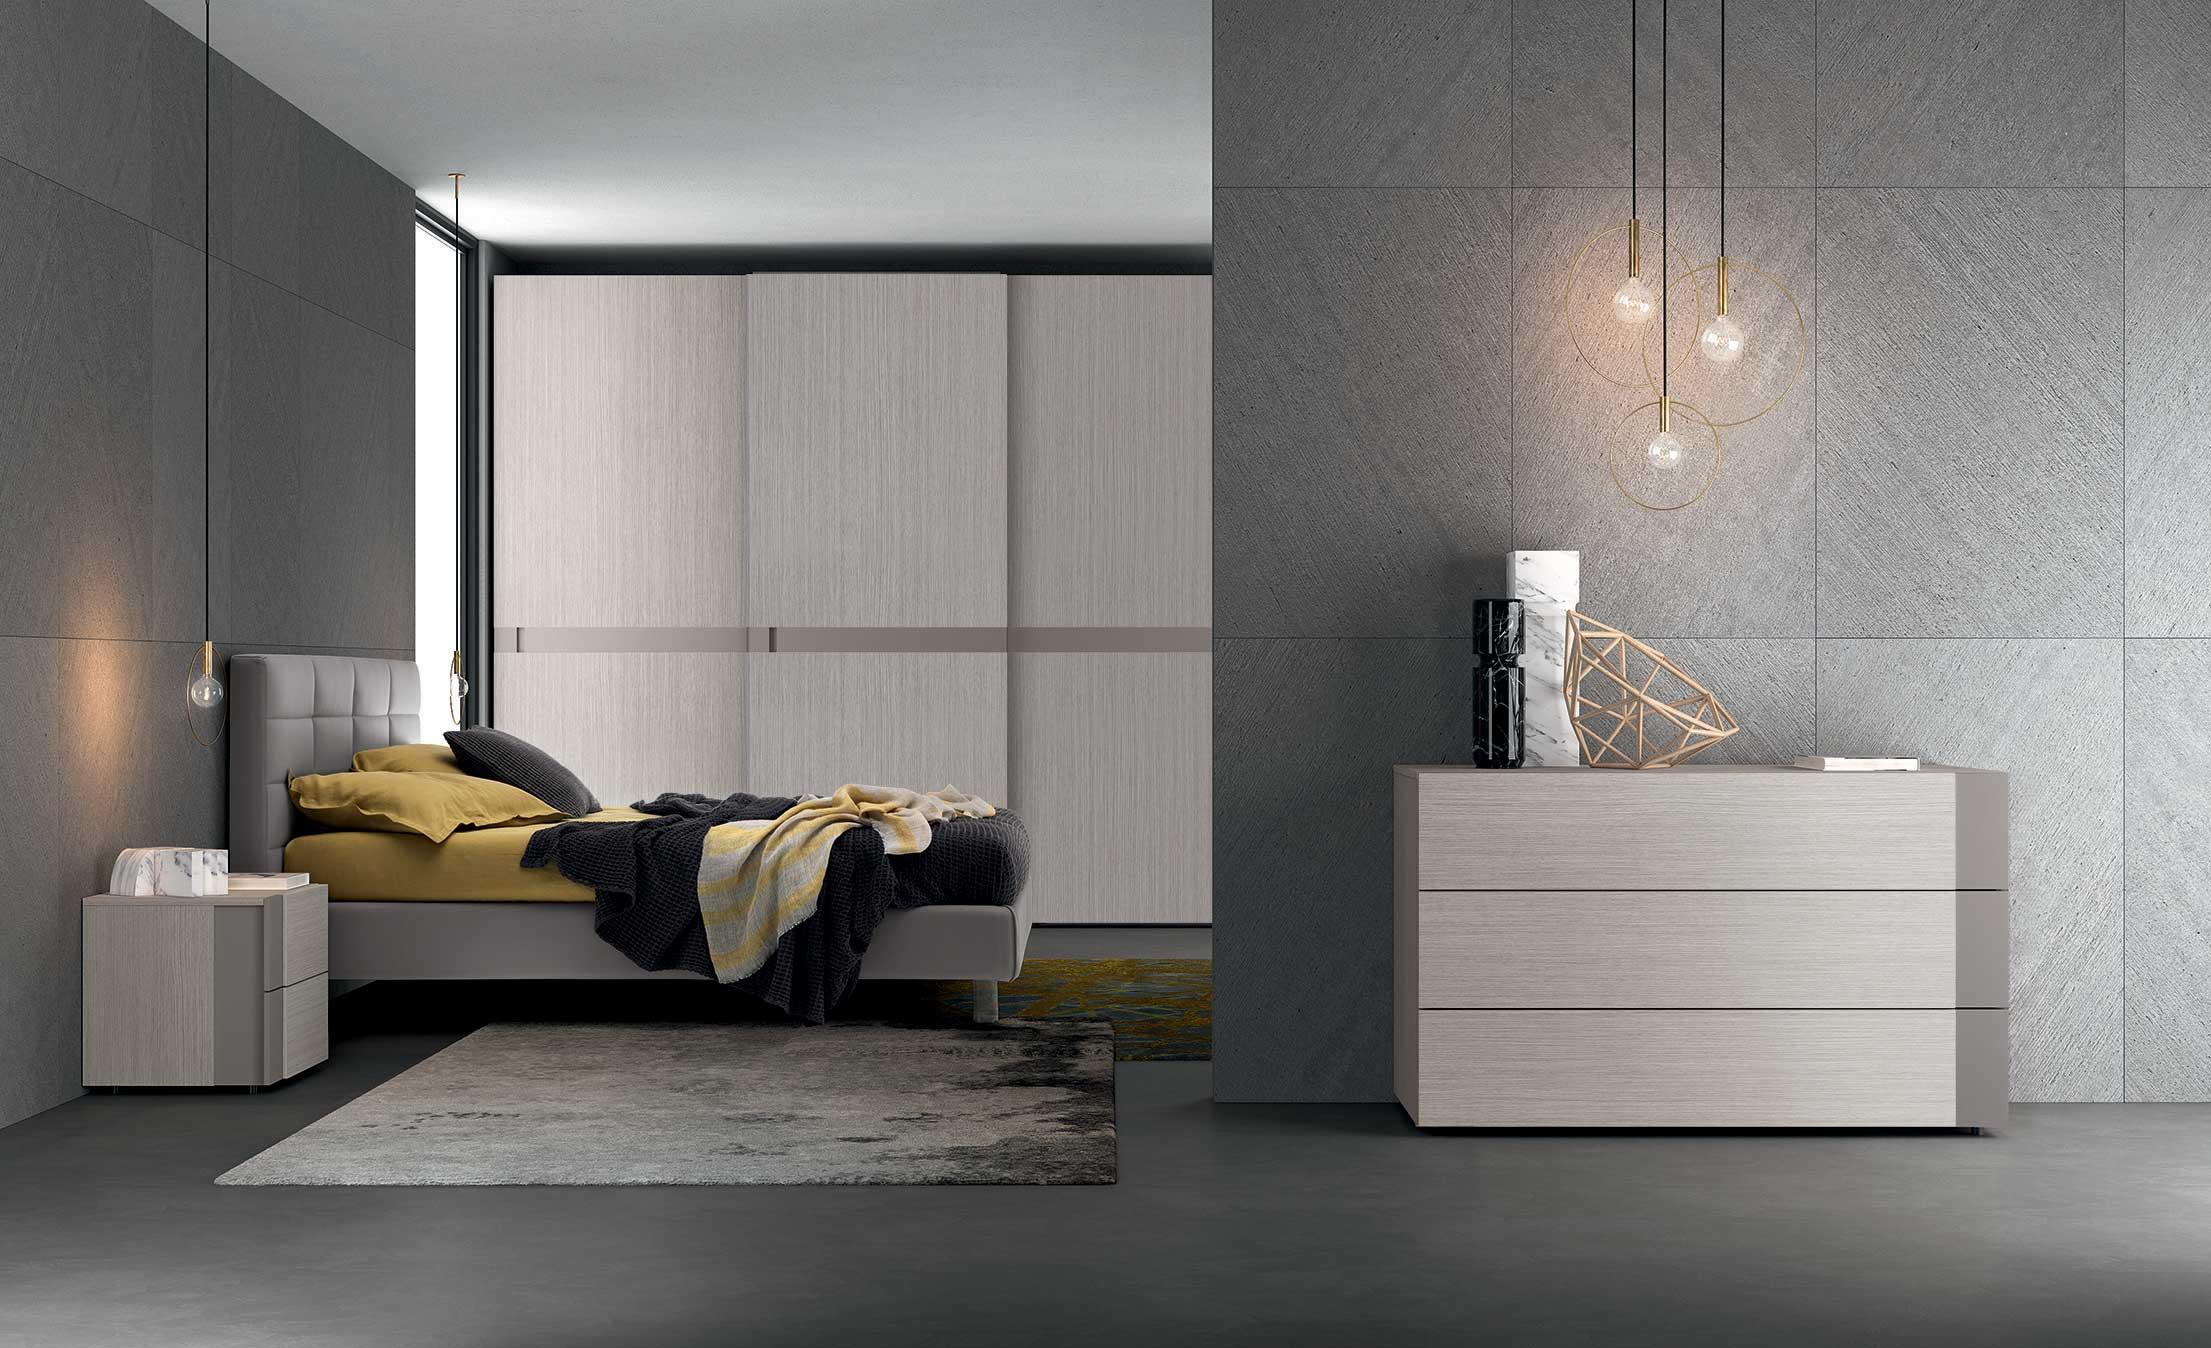 Camera da letto s05 vitality pignoloni for Pignoloni arredamenti